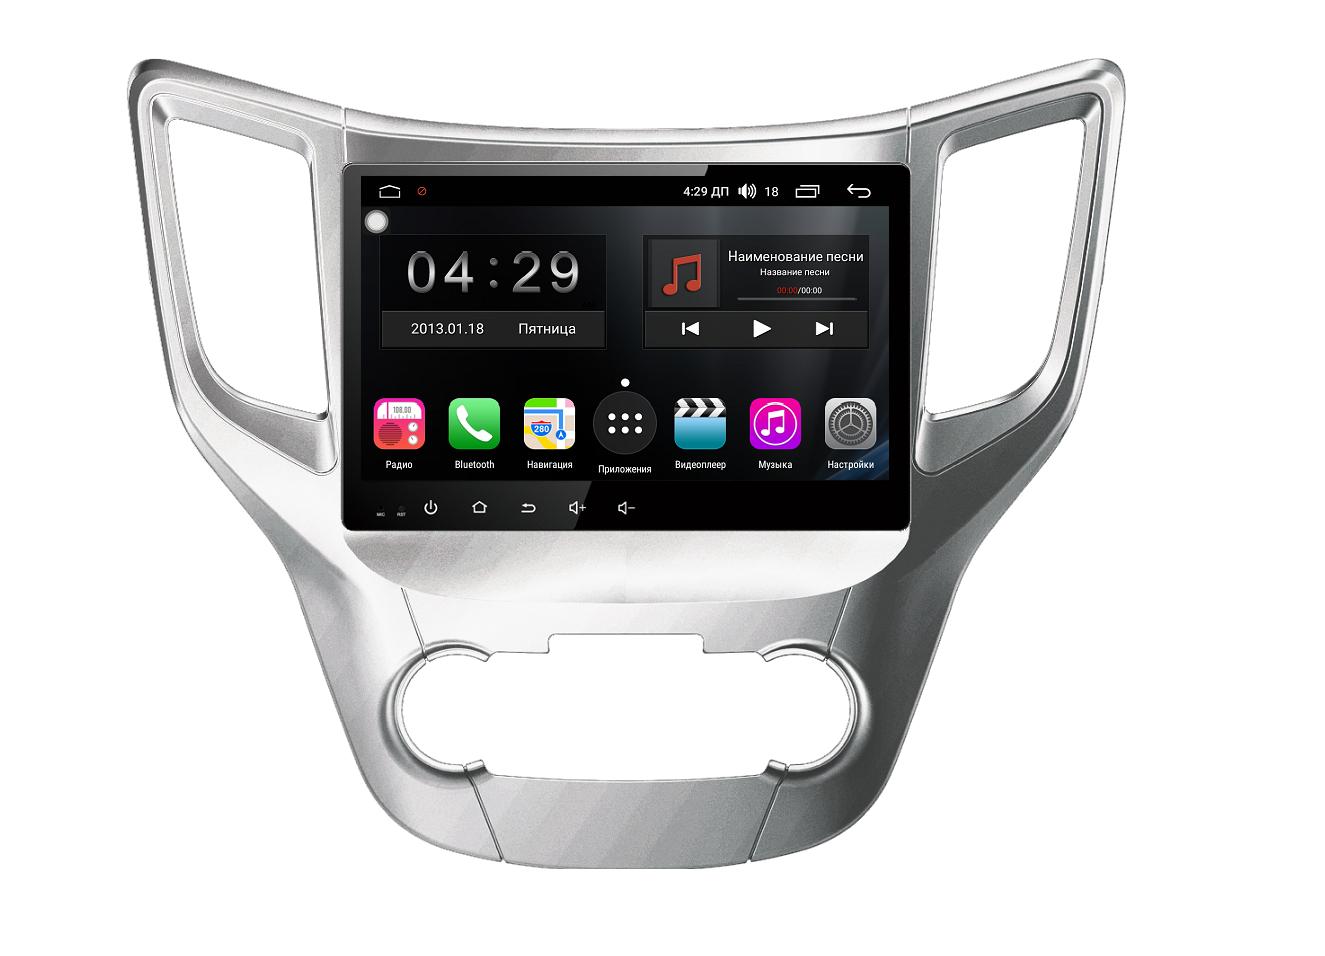 Штатная магнитола FarCar s300-SIM 4G для Changan на Android (RG1003R) (+ Камера заднего вида в подарок!) штатная магнитола farcar s300 для changan на android rl1003r камера заднего вида в подарок